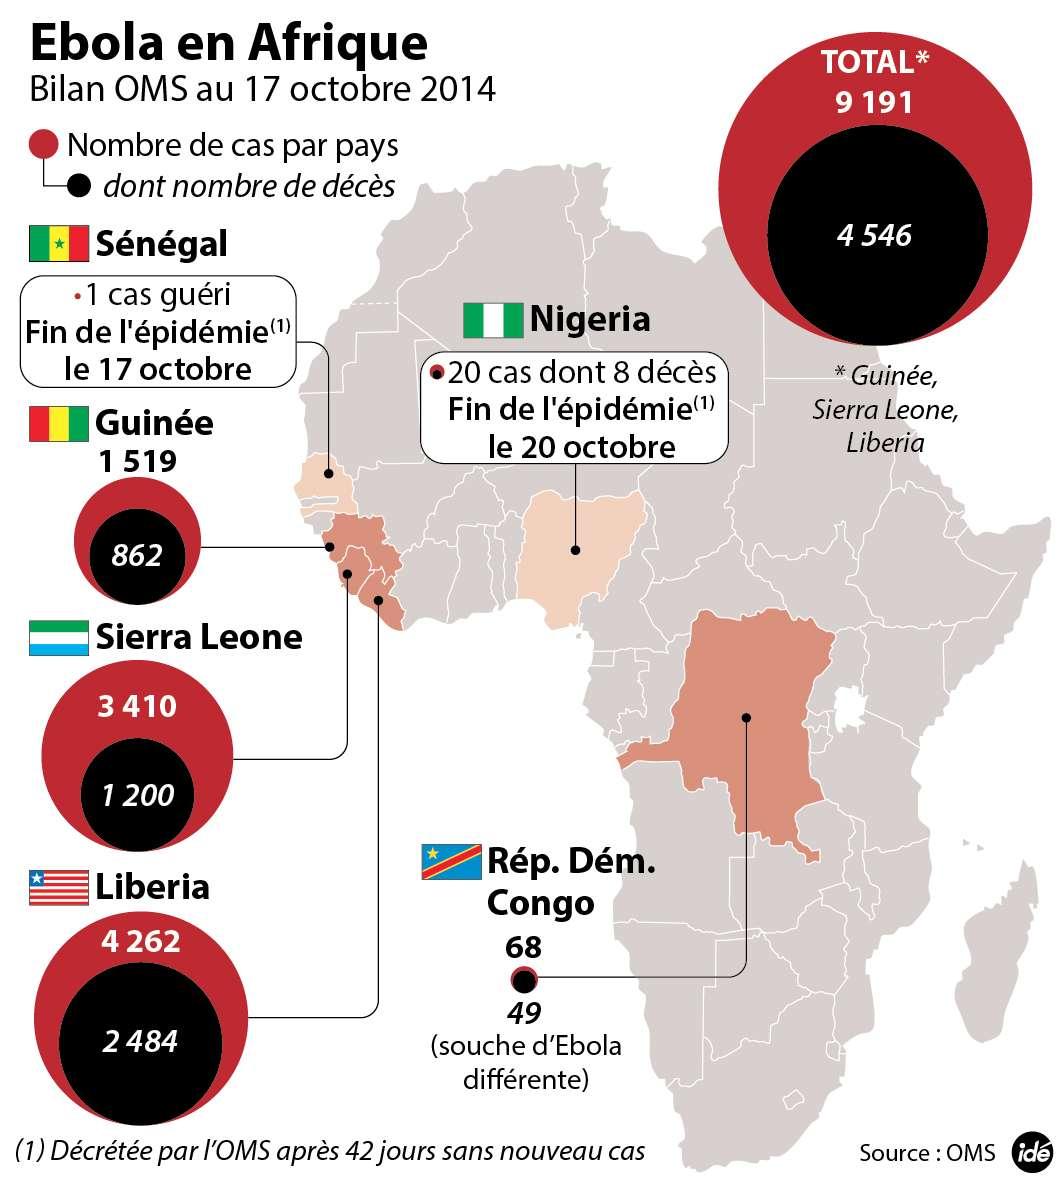 Les derniers chiffes de l'OMS indiquent une épidémie toujours bien présente dans plusieurs pays d'Afrique de l'Ouest, en particulier le Liberia. © Idé